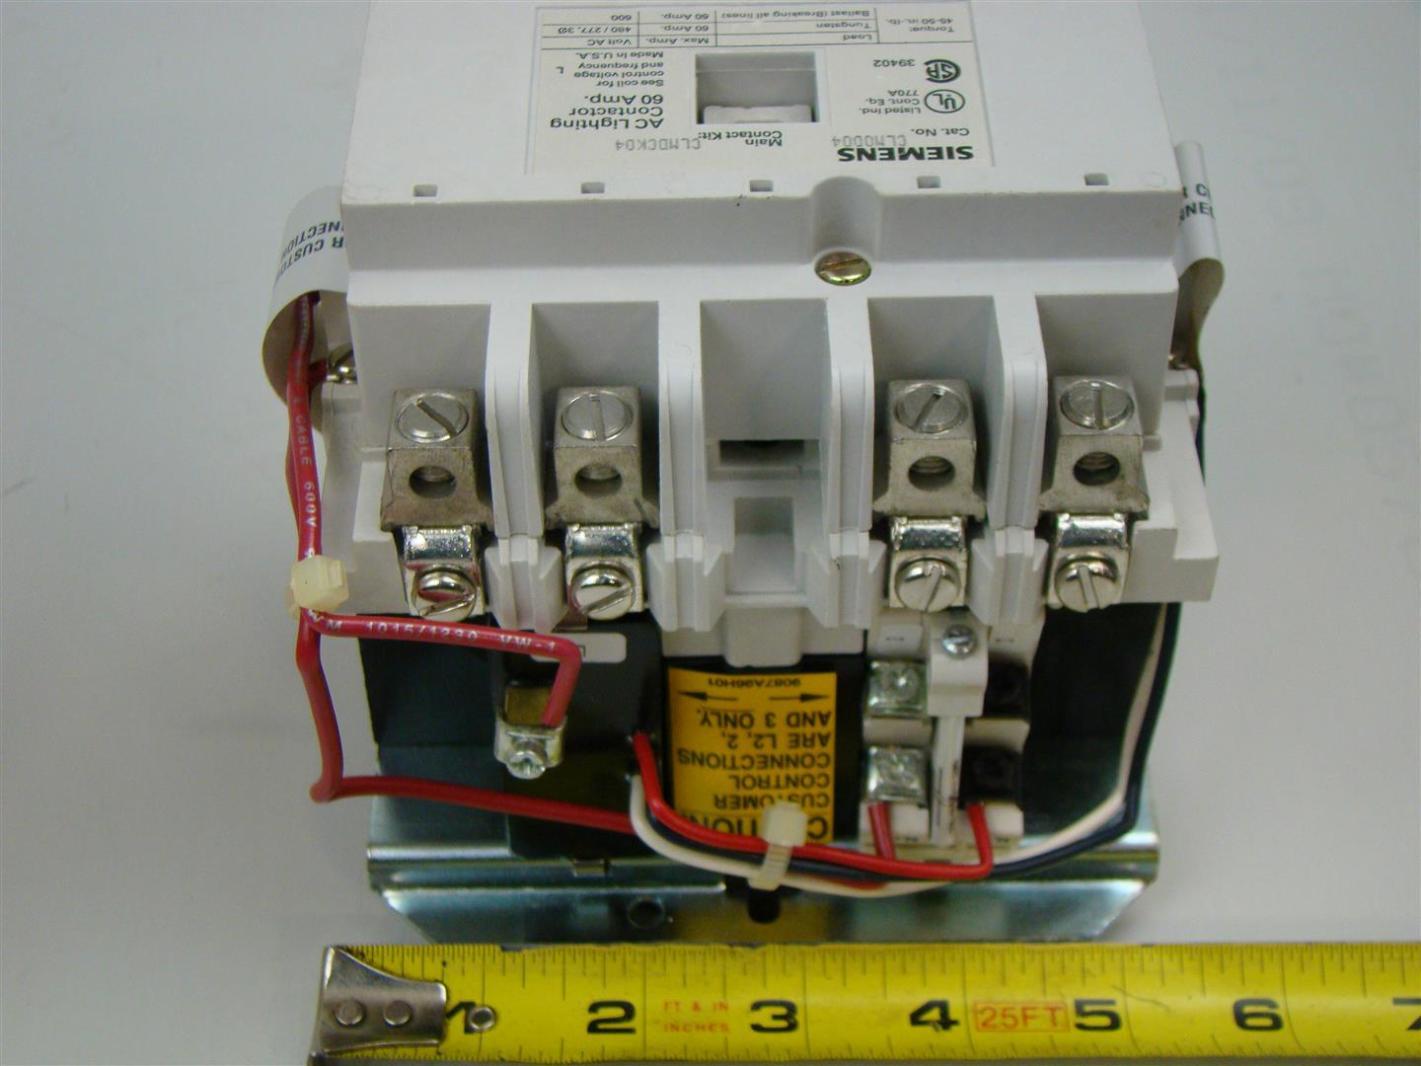 Siemens cpu 1214c dcdcdc wiring diagram somurich siemens cpu 1214c dcdcdc wiring diagram lighting contactor wiring diagram siemens landscaping layoutrhrfid cheapraybanclubmaster Images